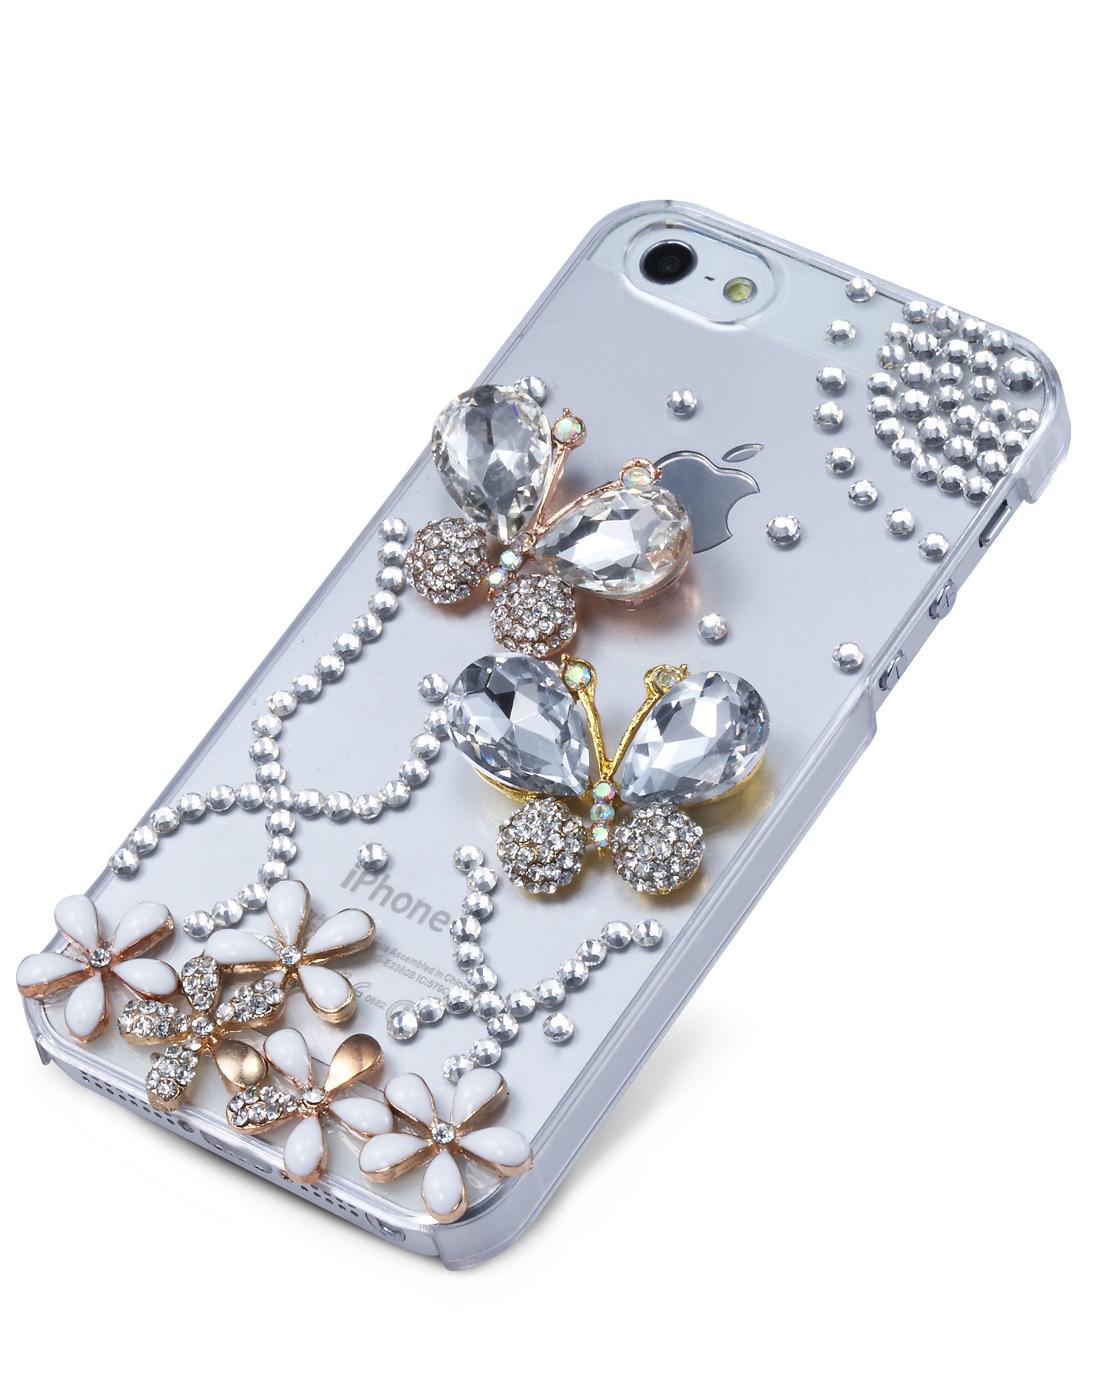 麦利多 iphone5 蝴蝶花圈水钻手机壳 白色